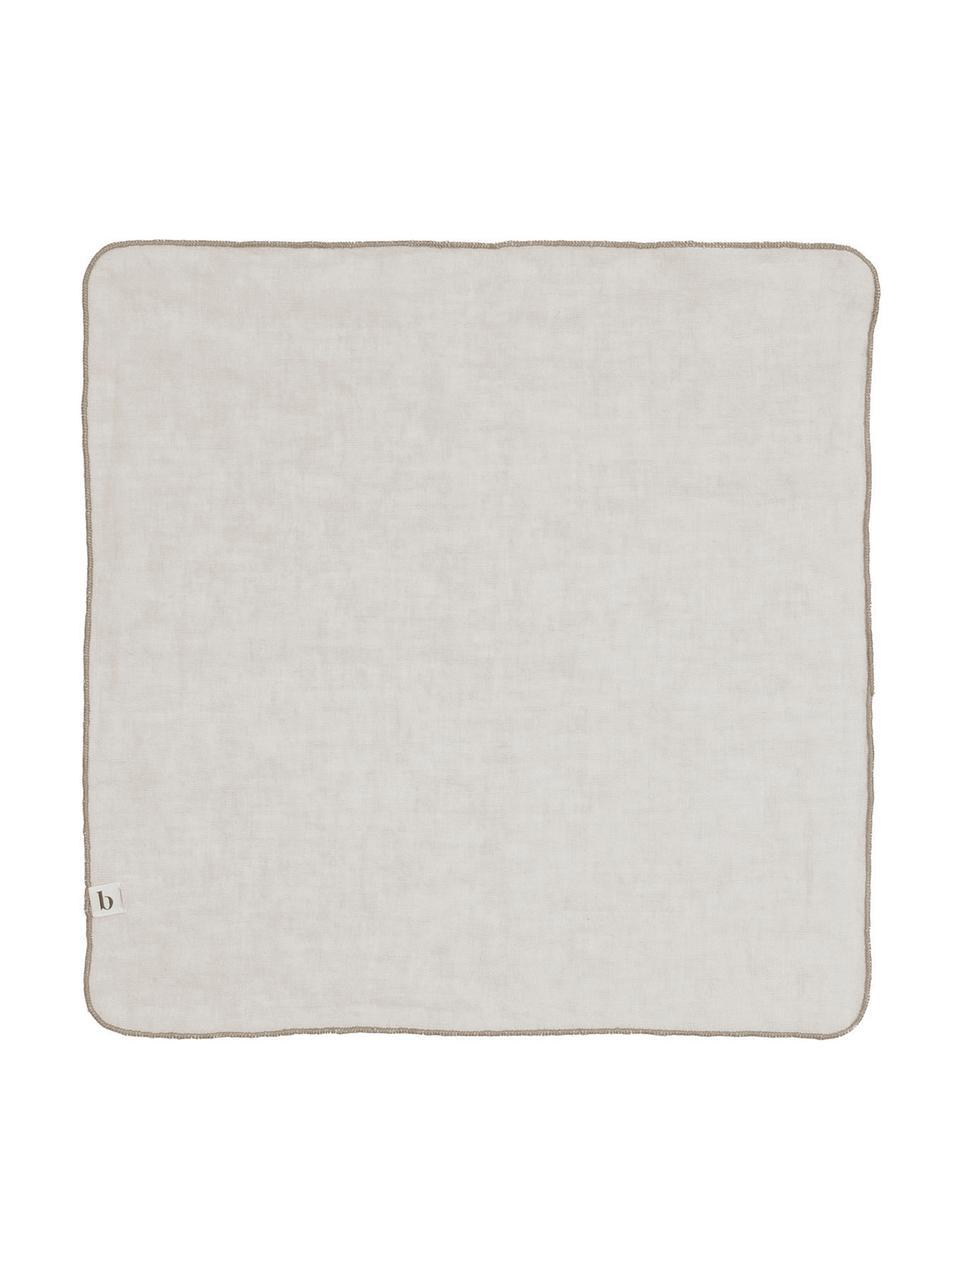 Serwetka z lnu Gracie, 2 szt., Len naturalny, Szary, S 45 x D 45 cm